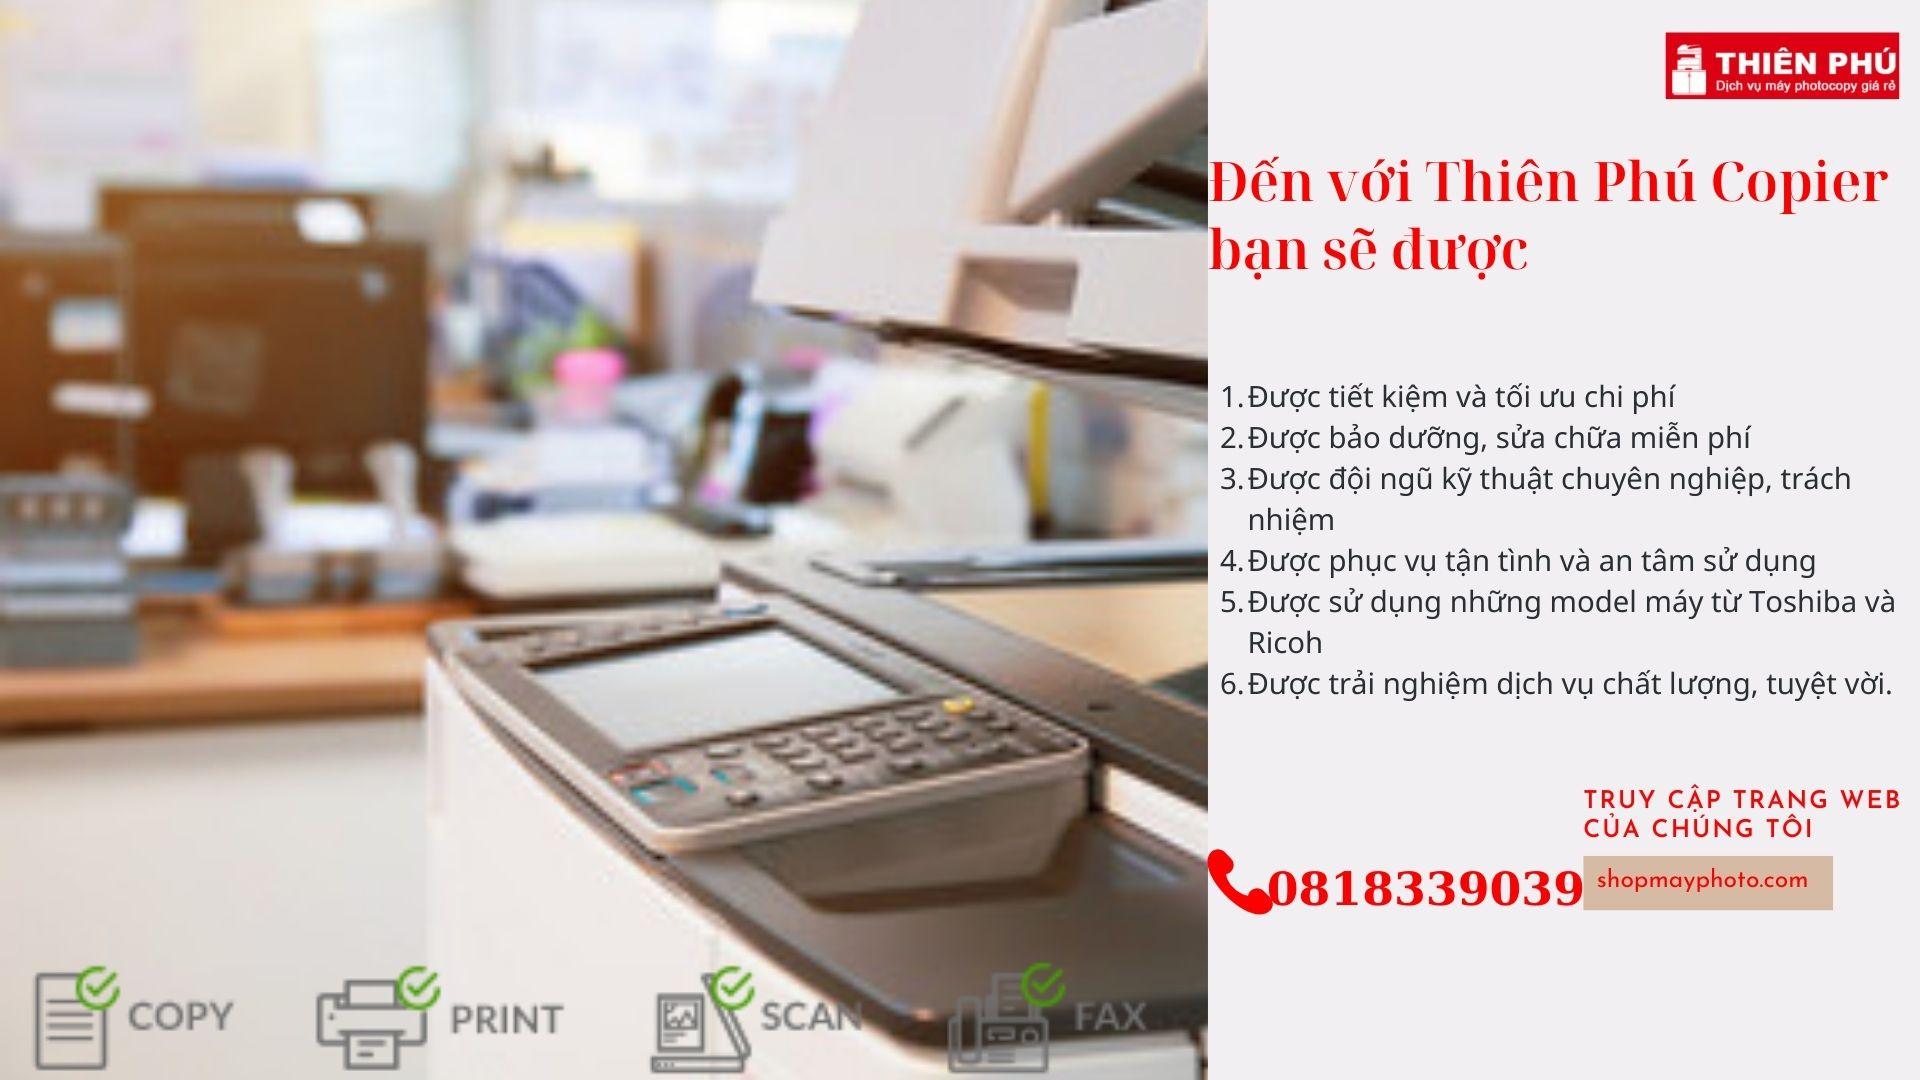 Tại sao bạn lại chọn dịch vụ cho thuê máy photocopy-Thiên Phú Copier